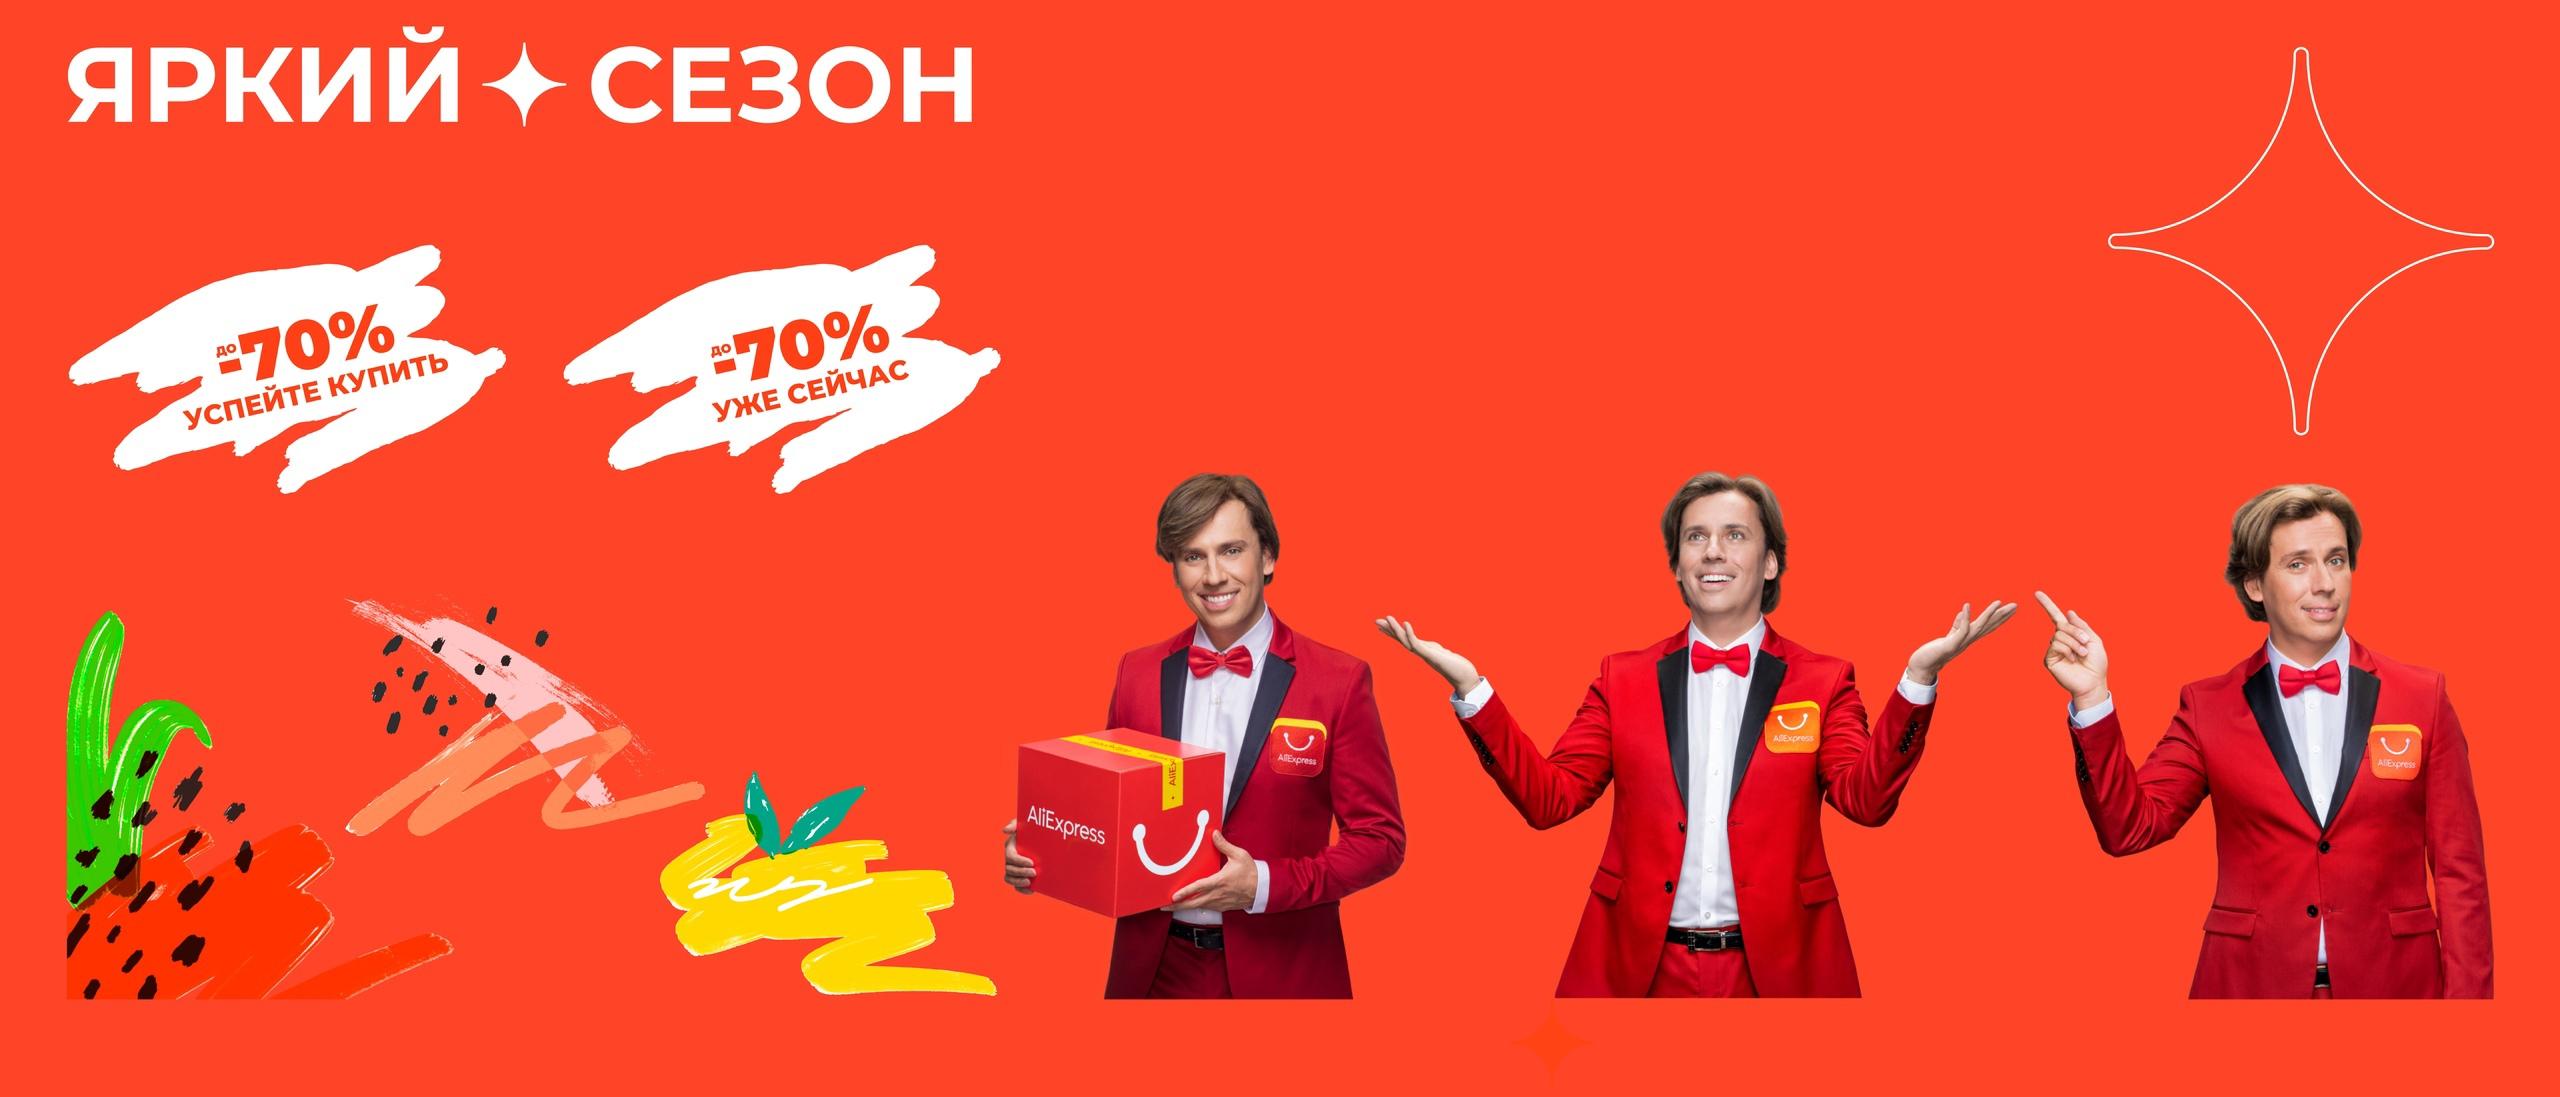 Летняя распродажа АлиЭкспресс с 21 по 25 июня 2021